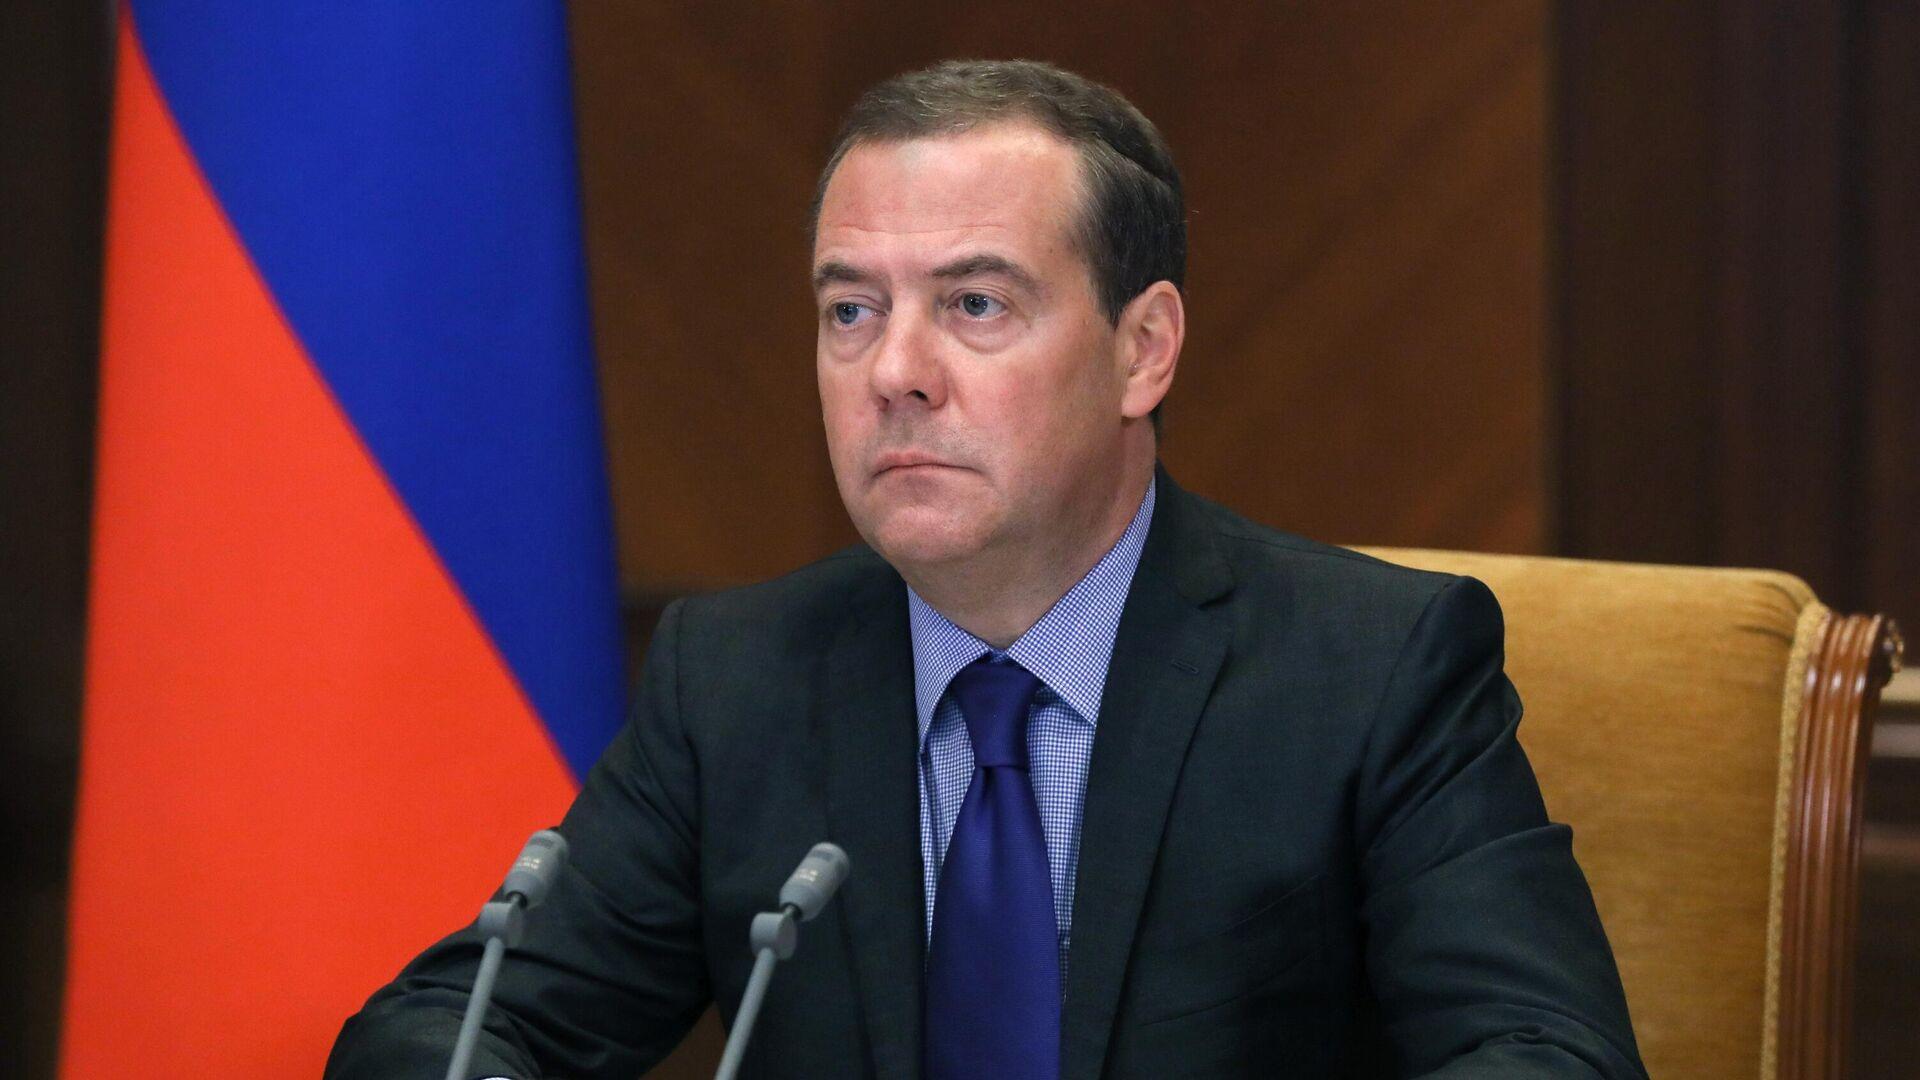 Заместитель председателя Совета безопасности РФ Дмитрий Медведев - РИА Новости, 1920, 28.09.2021